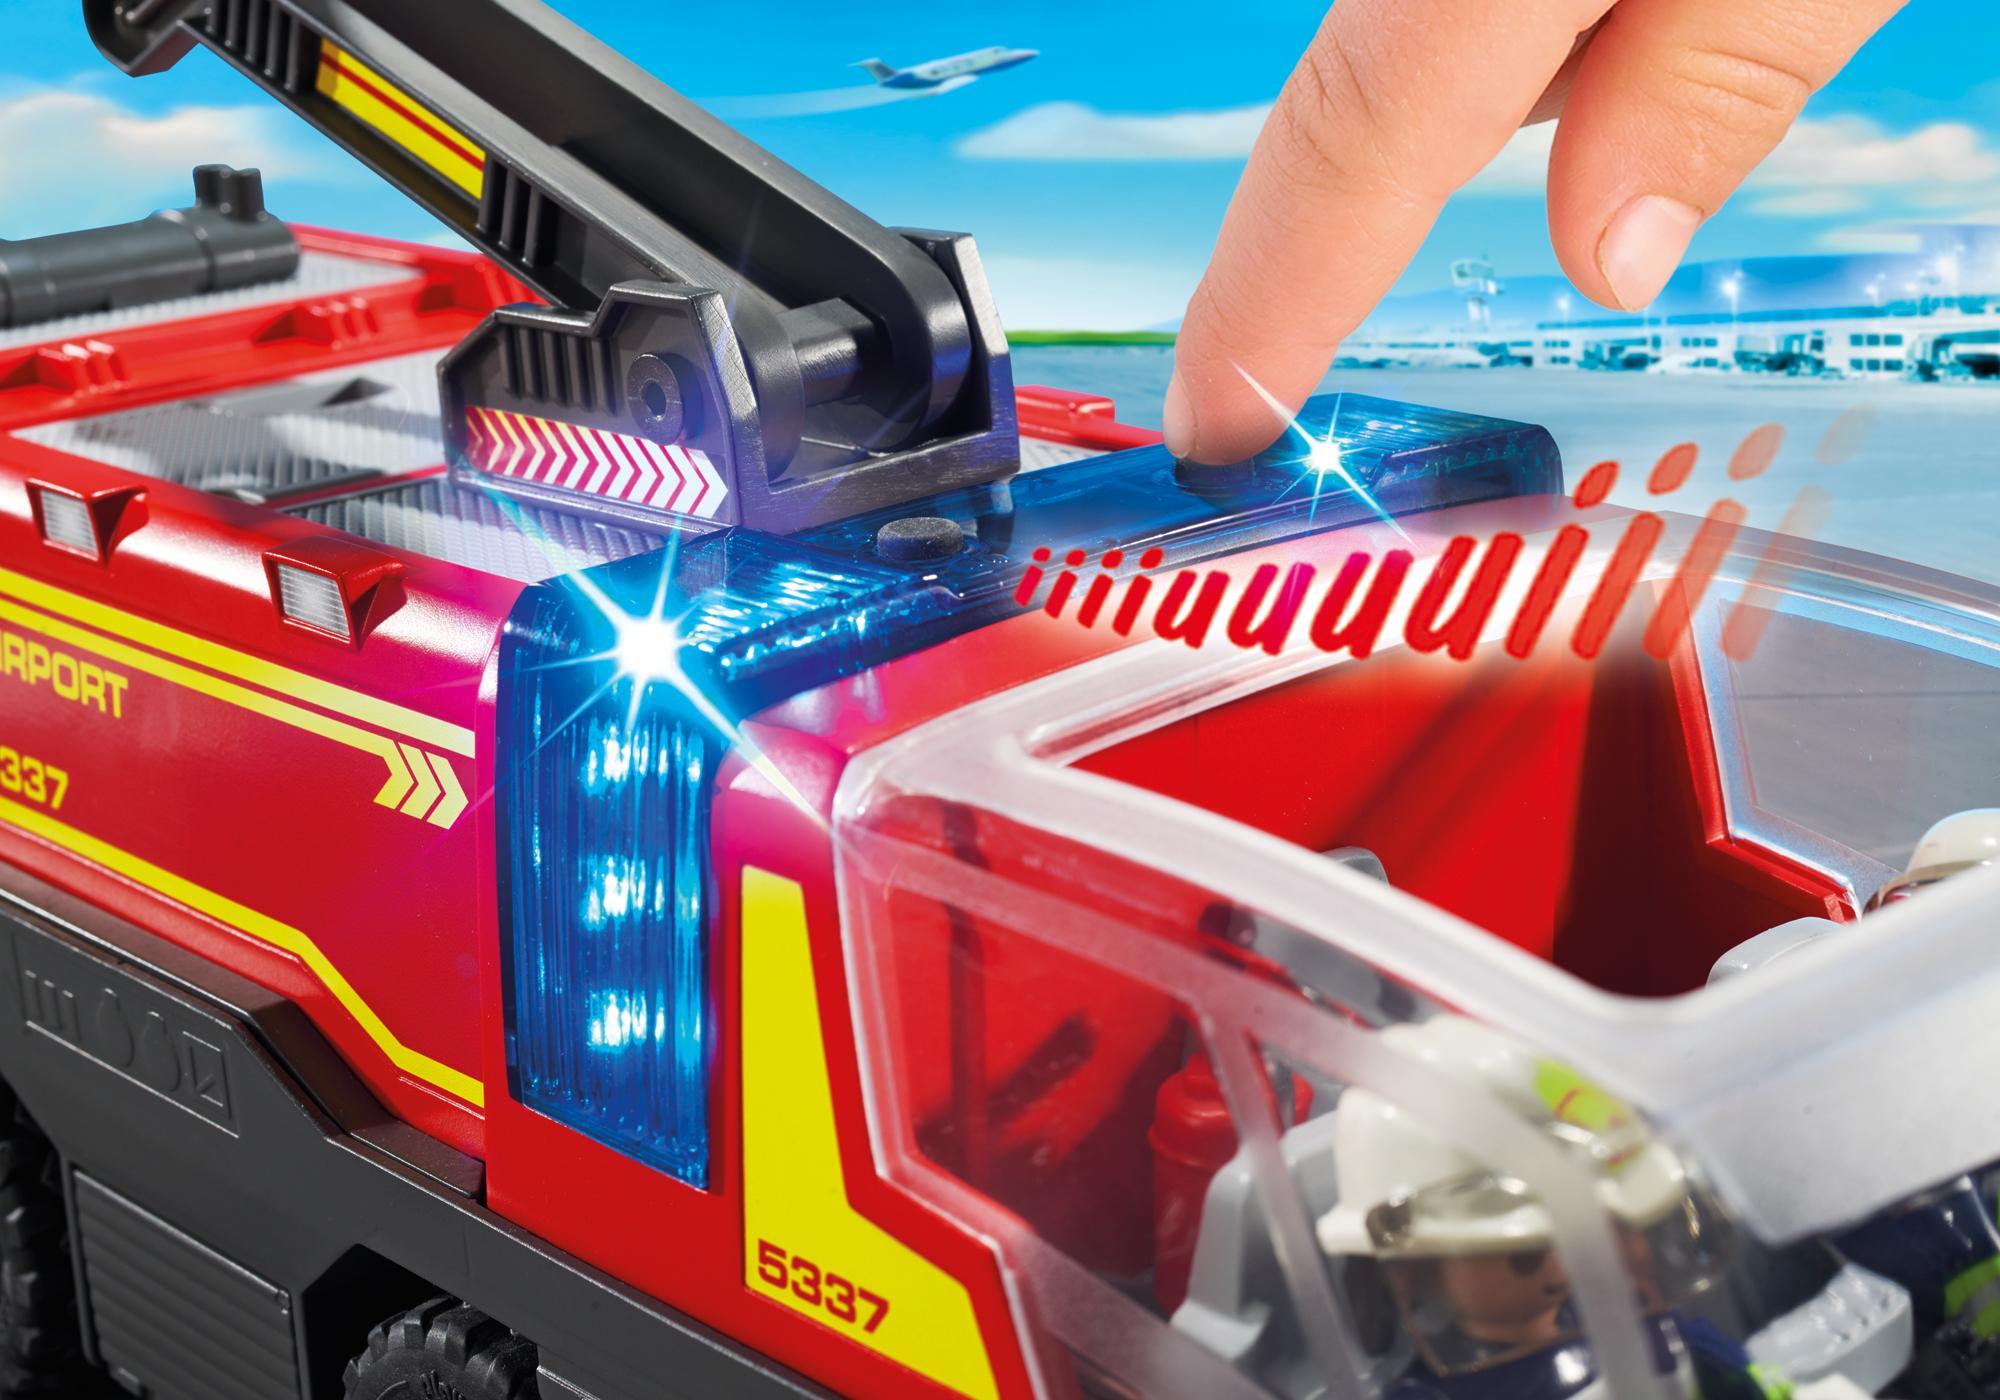 http://media.playmobil.com/i/playmobil/5337_product_extra1/Lufthavnsbrandbil med lys og lyd